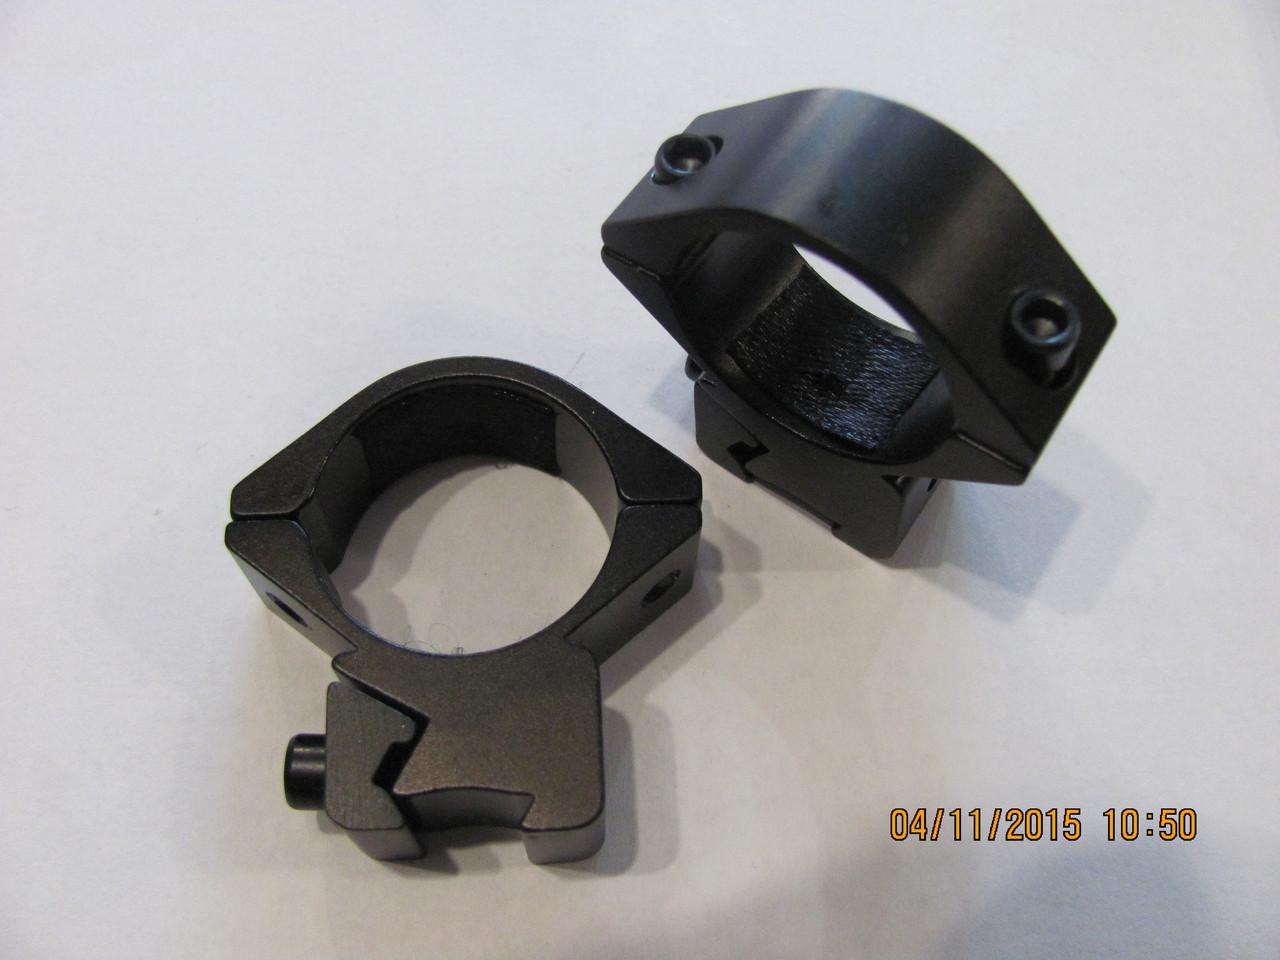 Кольца для крепления оптики 25 мм, на ласту, низкие.